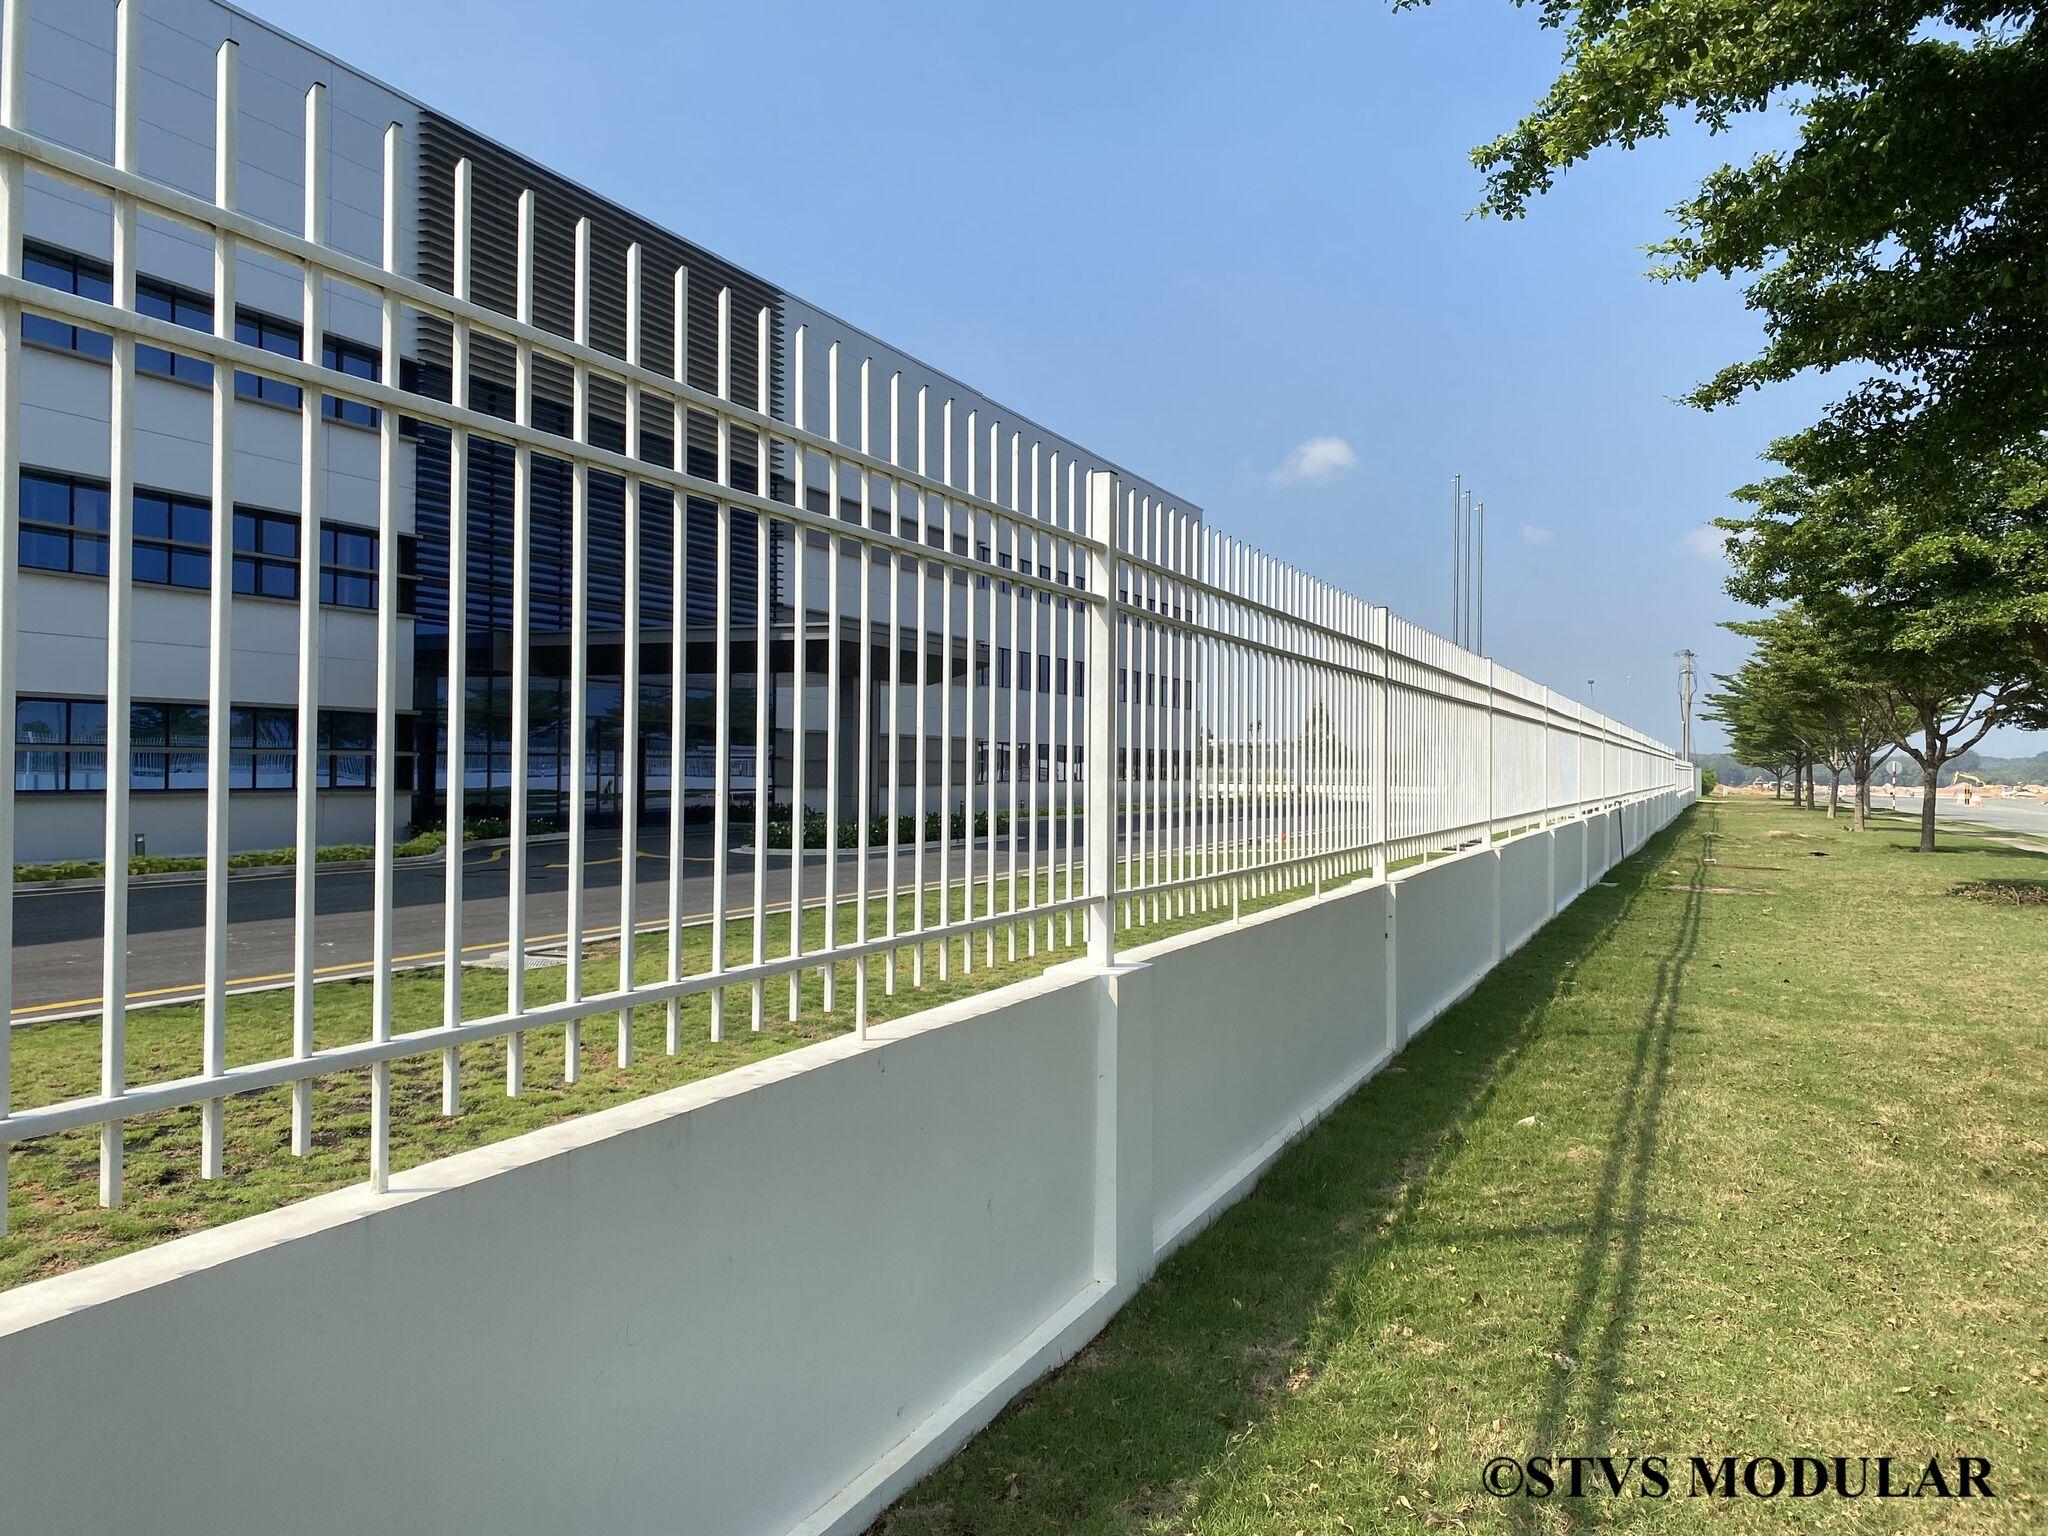 Hàng rào STVS - Railing Fence